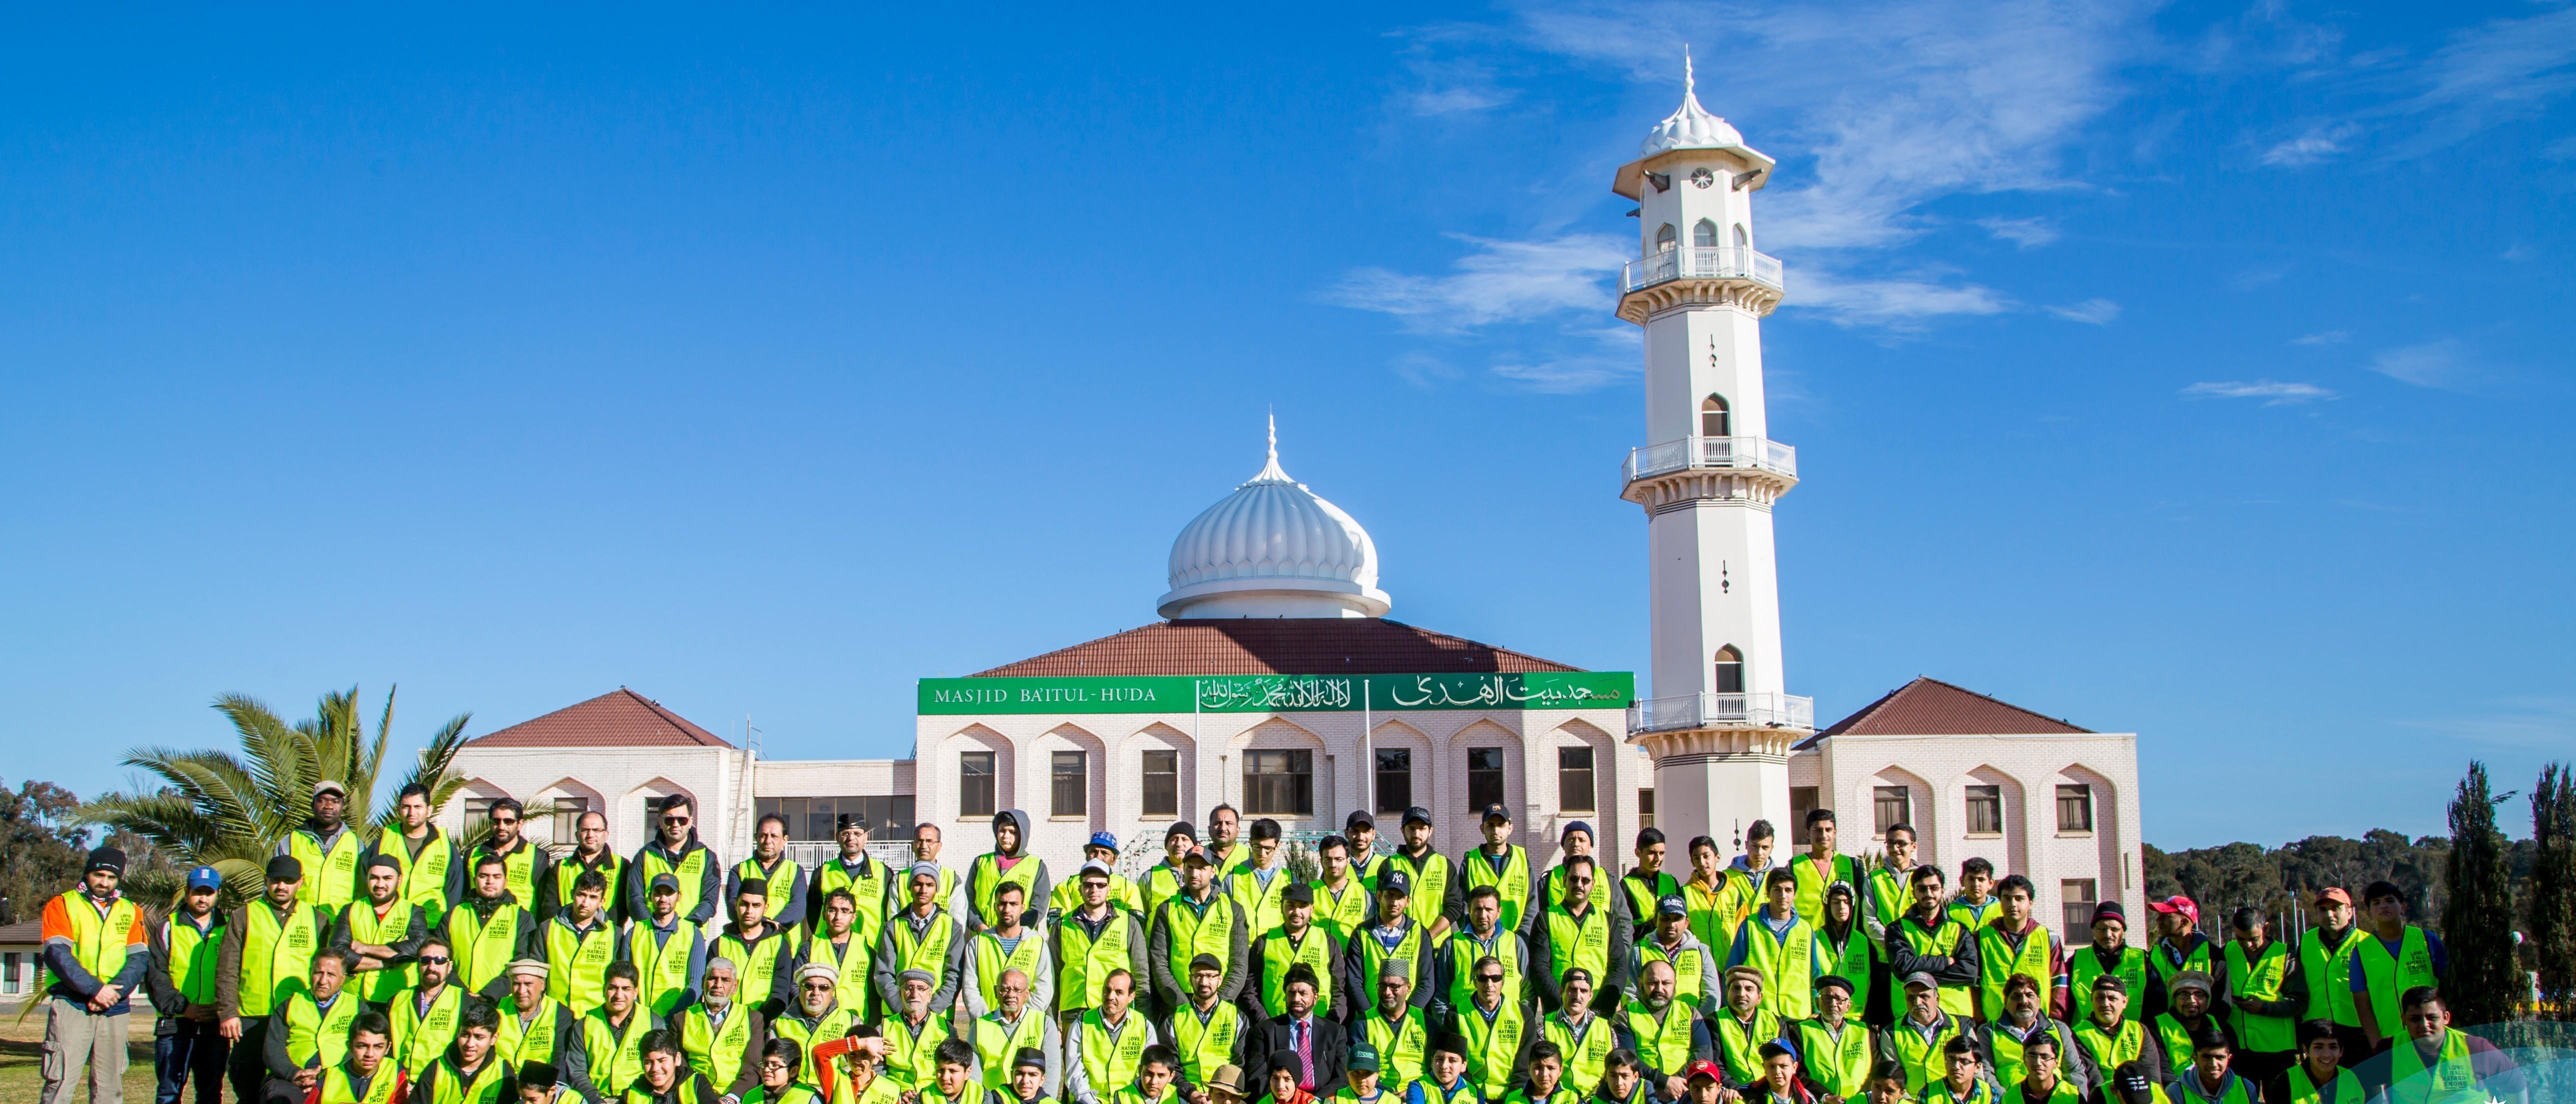 Ahmadi Muslims WA Perth - Bibra Lake & Regional Playground